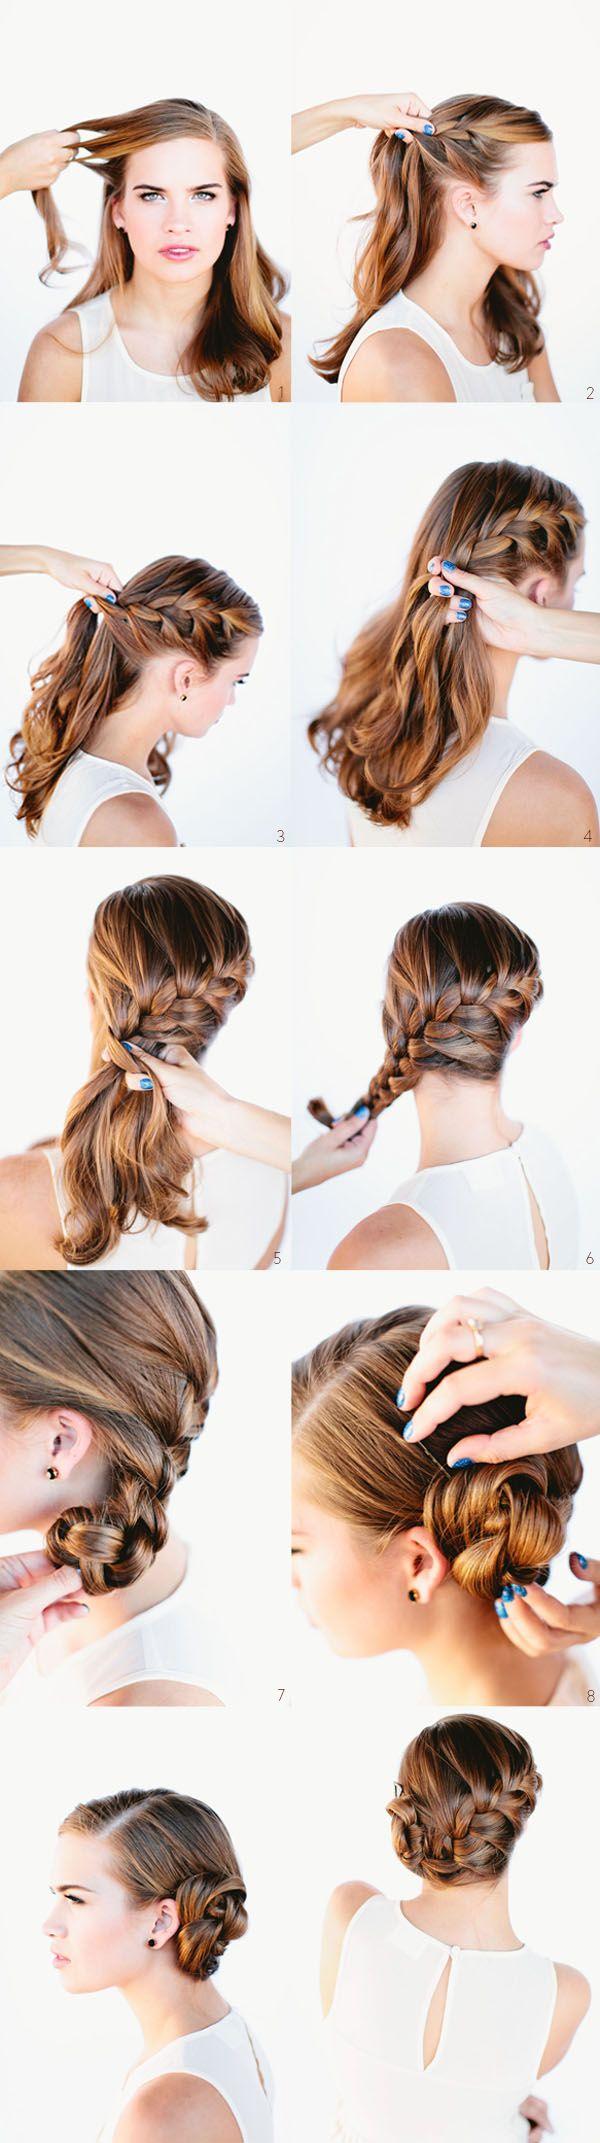 Зачіски з елементами плетіння: вечірні, весільні, на кожен день